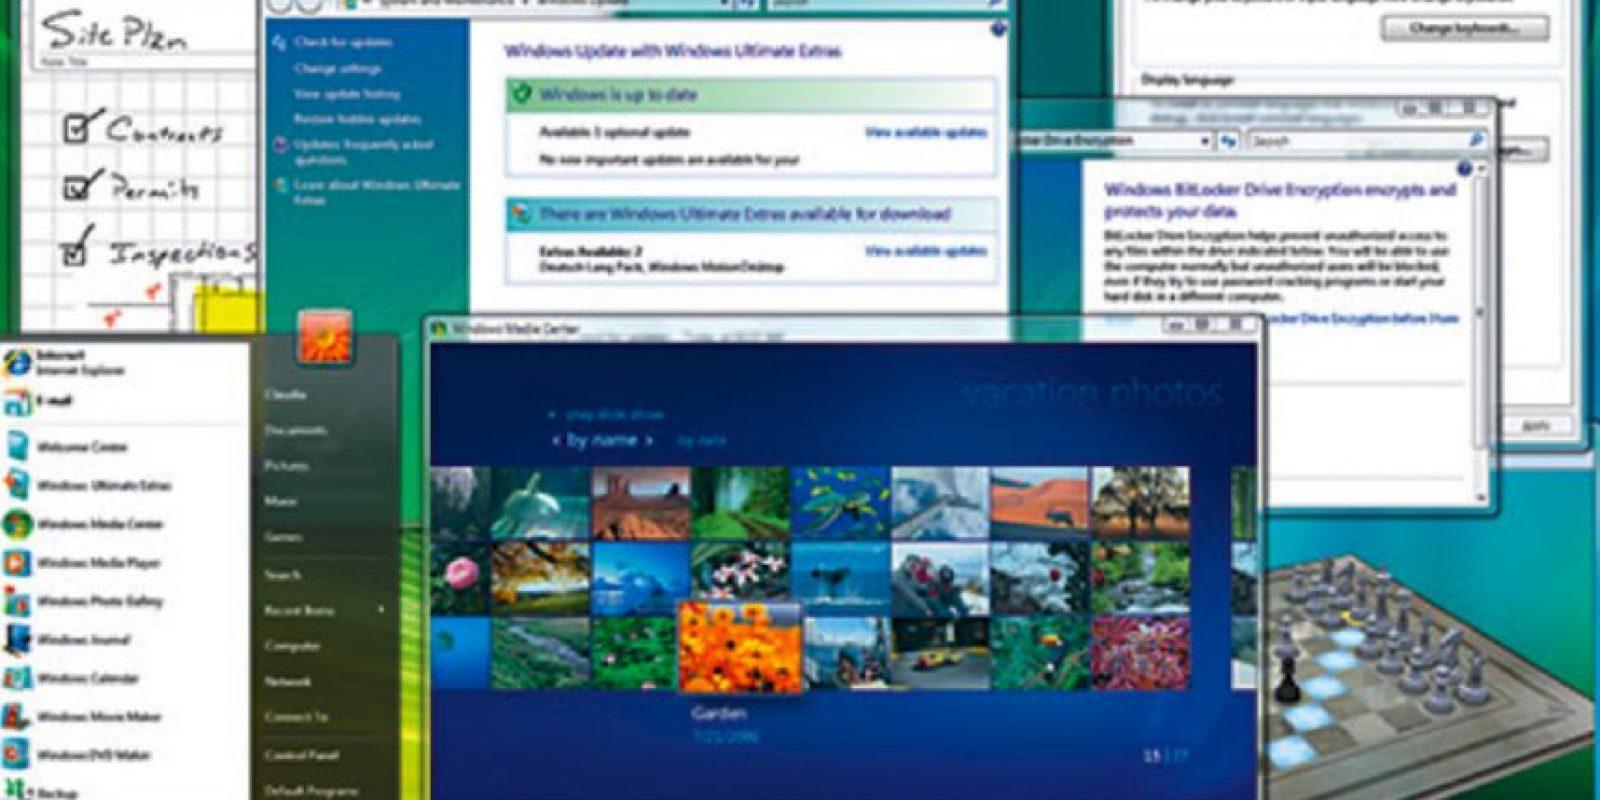 En el año 2006, Microsoft anunció la llegada del Windows Vista. Así es como lucía esta interfaz Foto:windows.microsoft.com